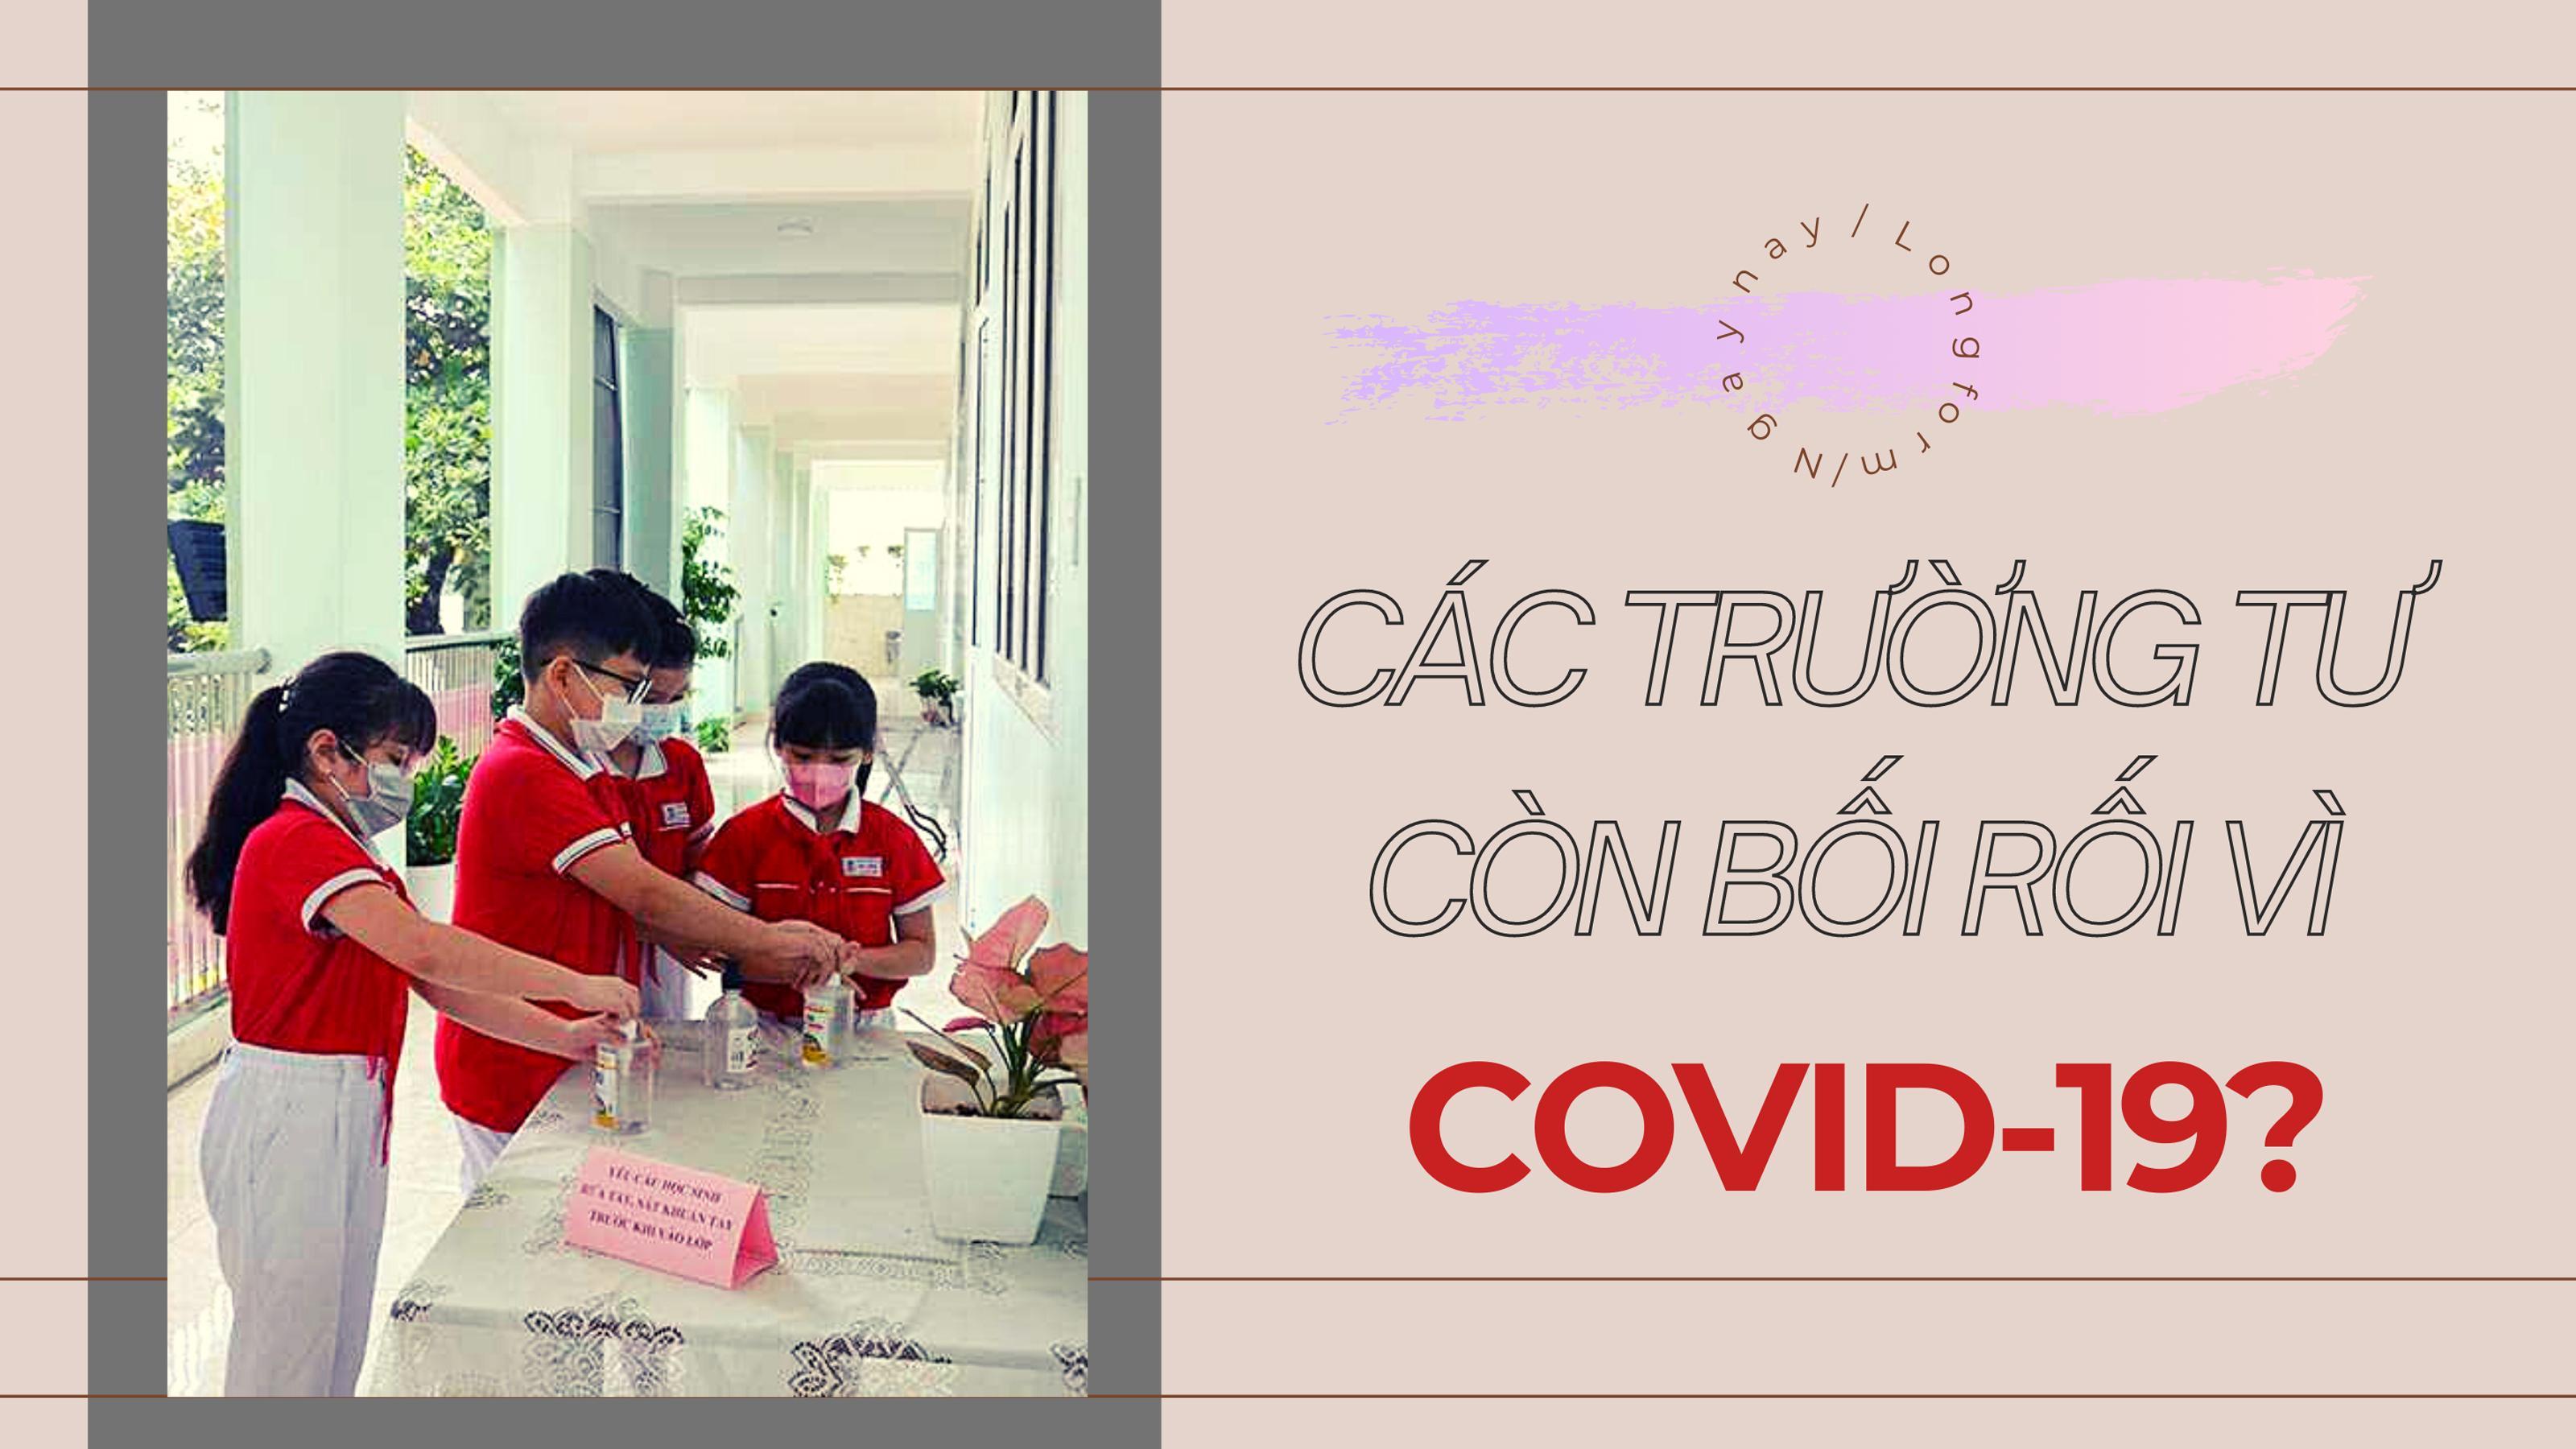 Các trường tư còn bối rối vì COVID-19?